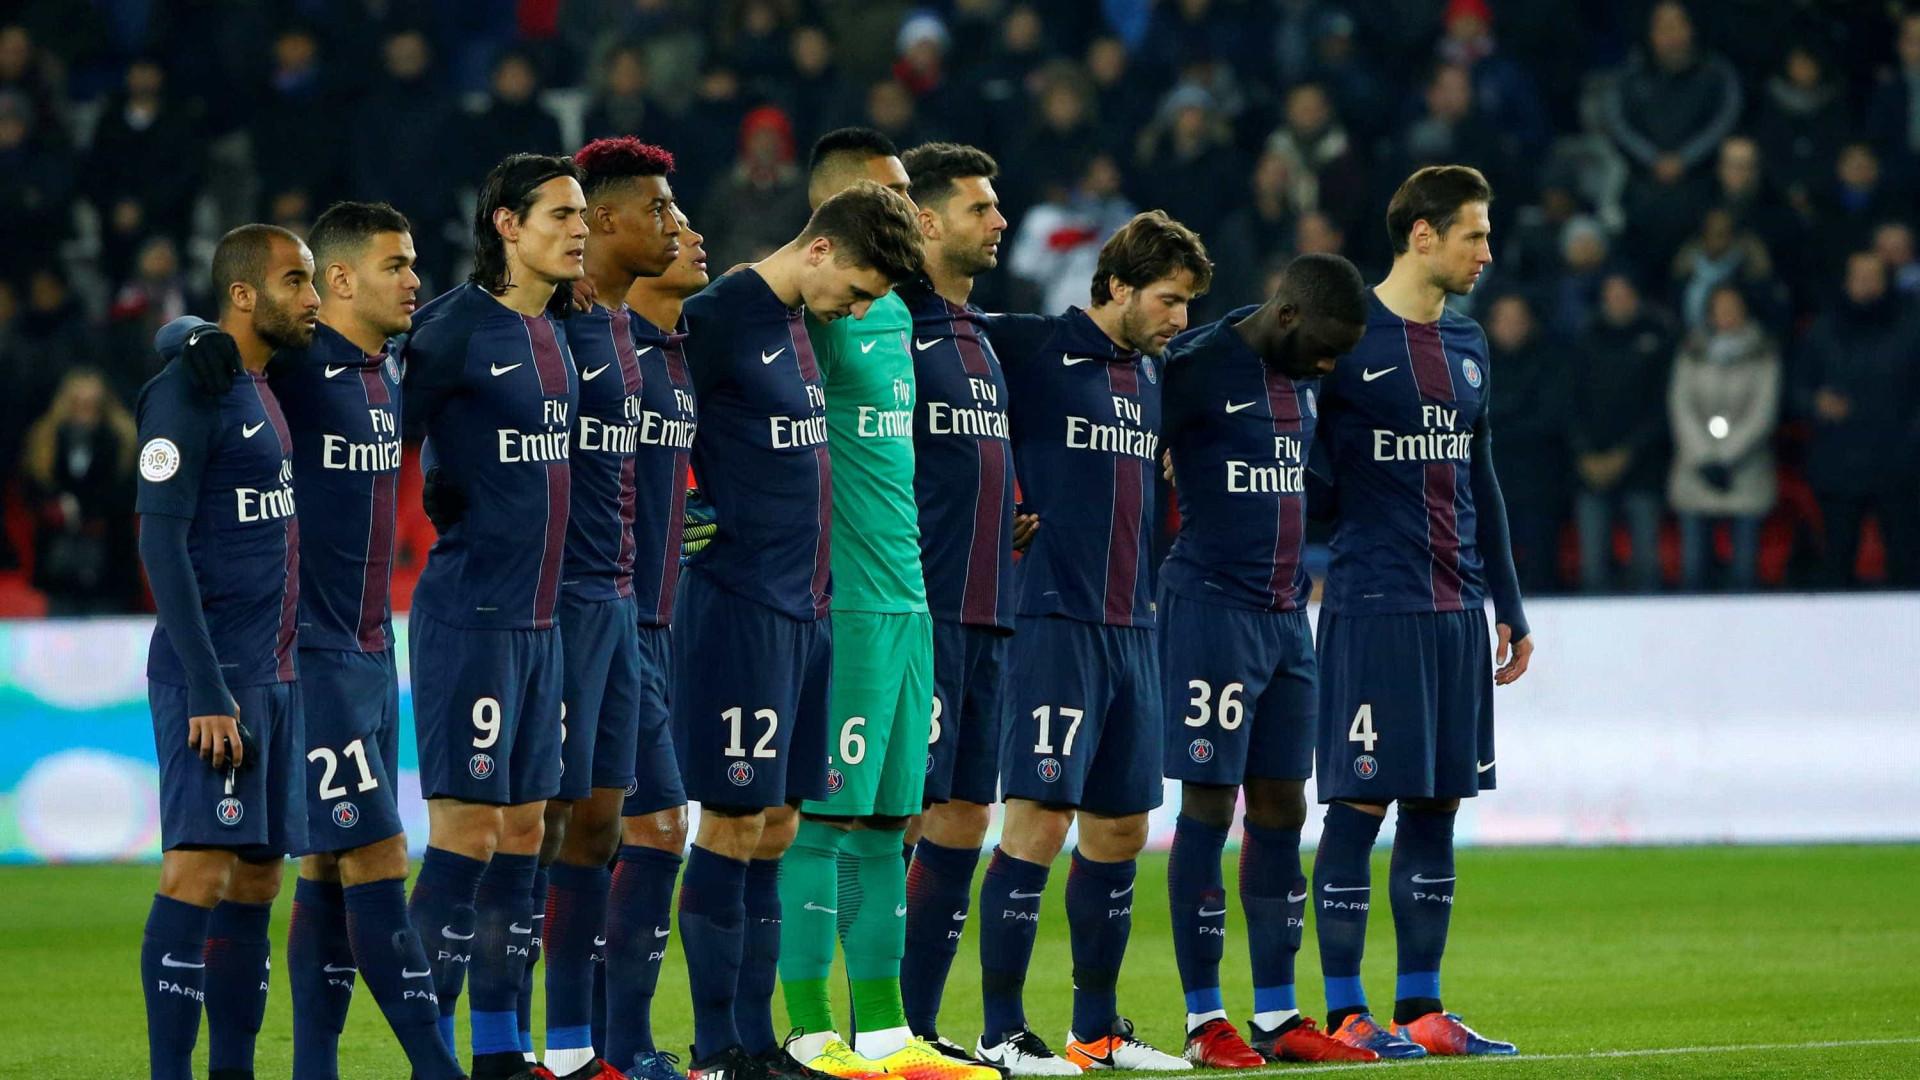 """Torcida francesa grita """"Vamo, vamo, Chape"""" em jogo do PSG"""